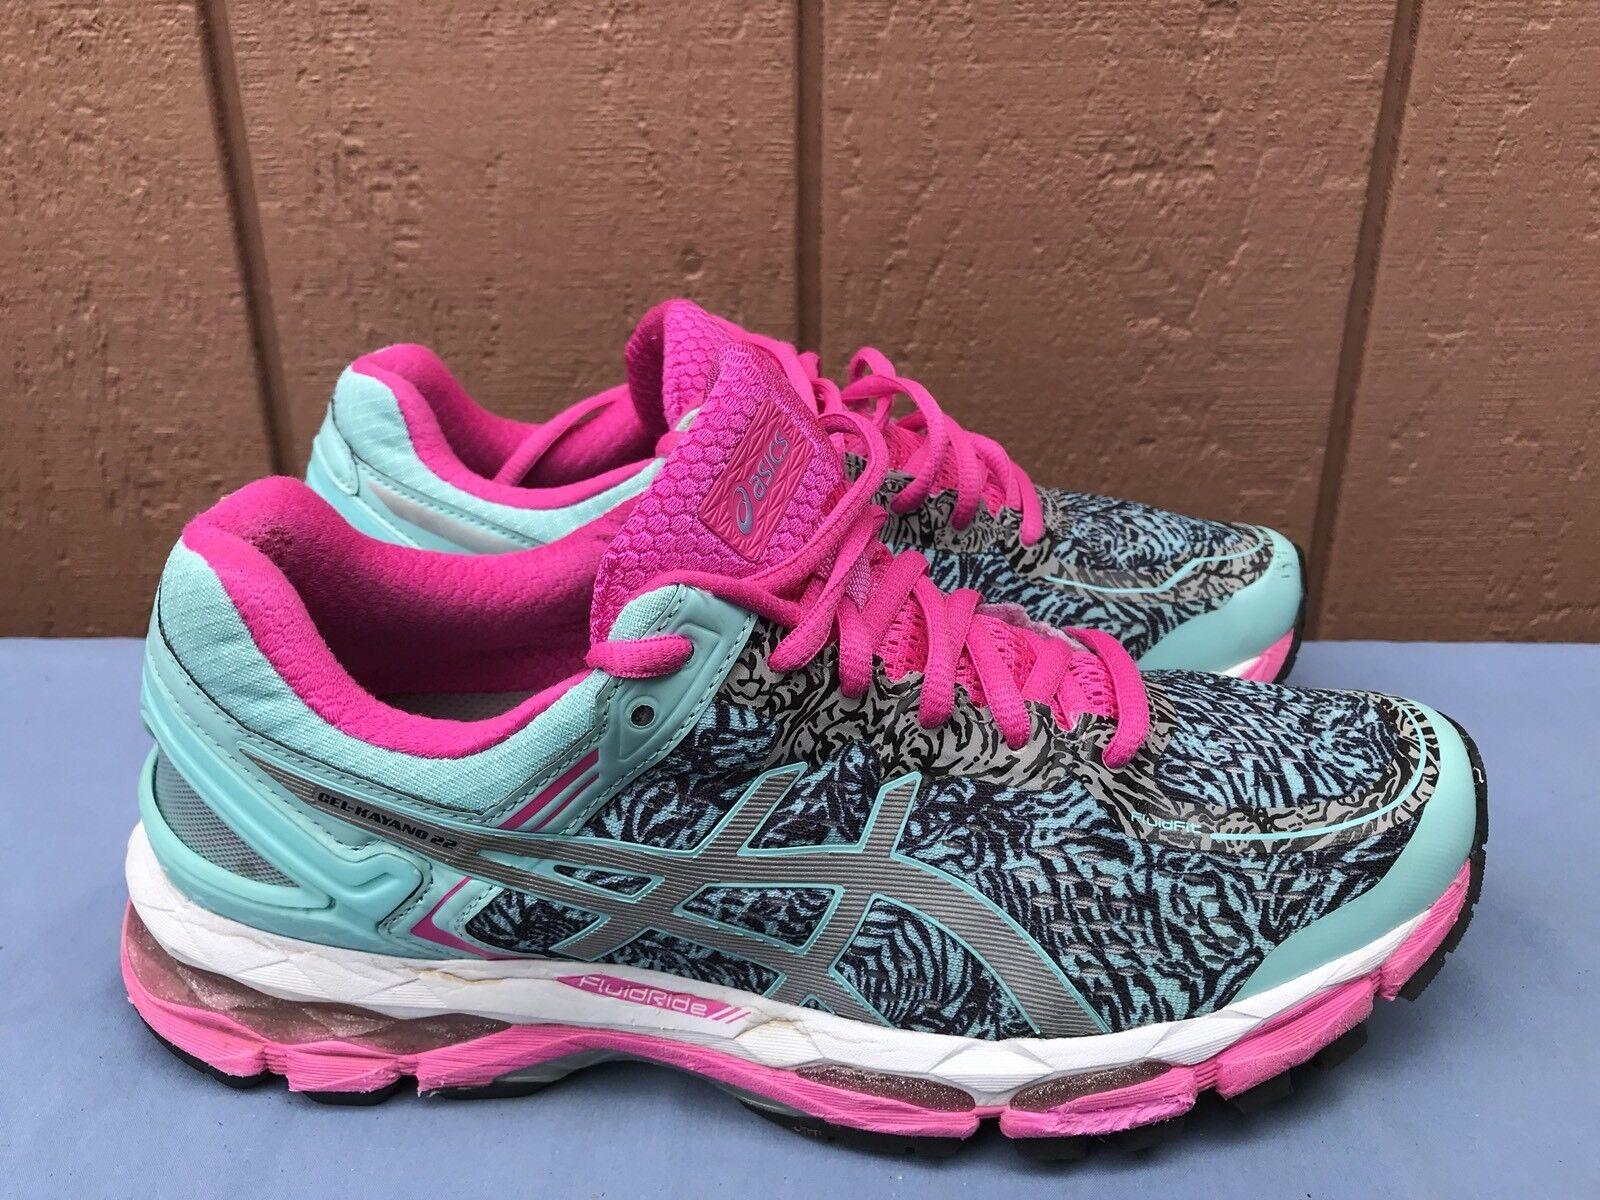 Usado en excelente estado Asics Asics Asics Gel-Kayano 22 T5A6N Lite-Show Mujer Zapatos Aqua Splash Plata rosado A7  entrega rápida